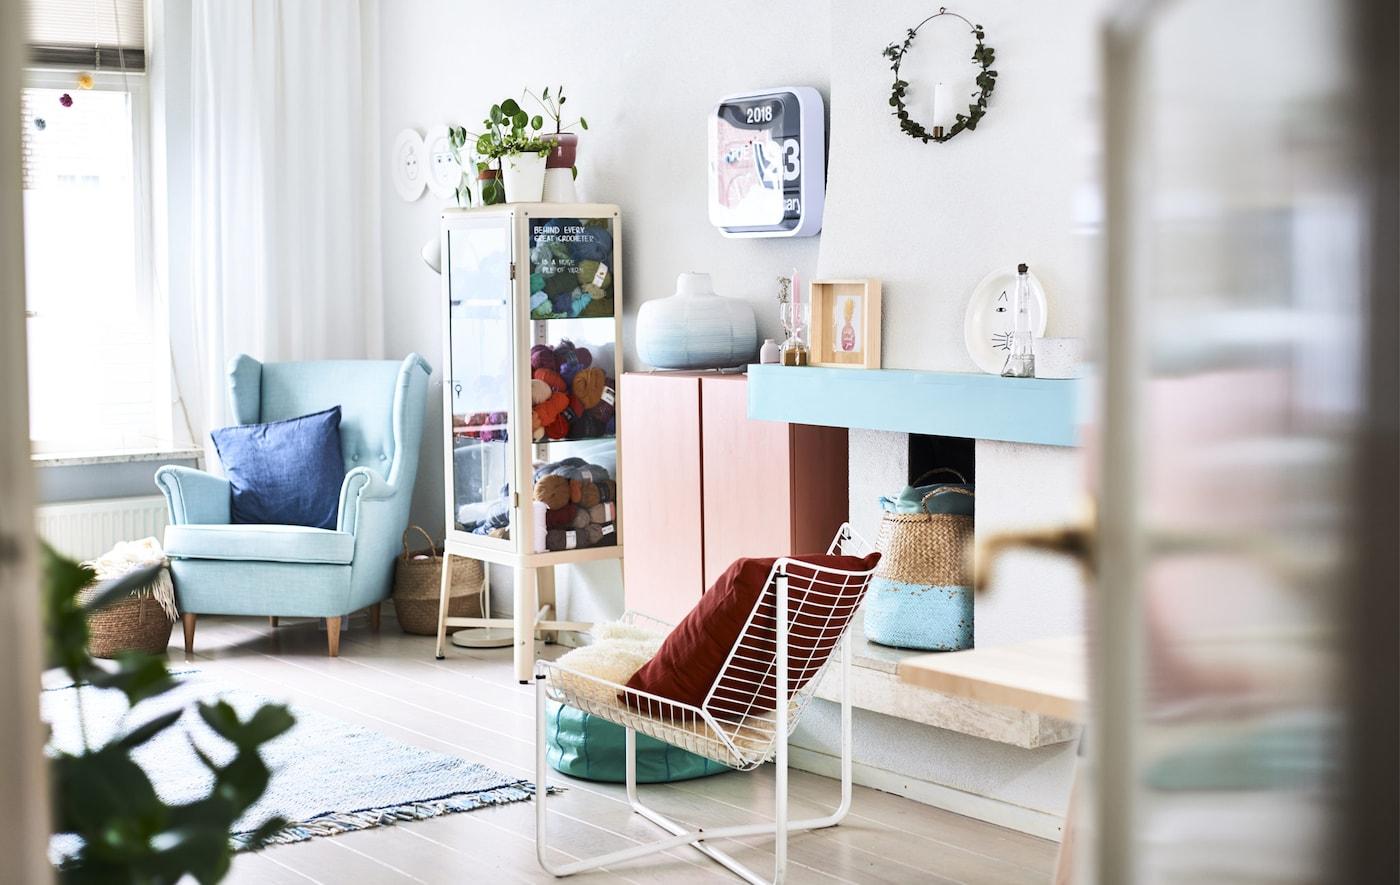 Una sala de estar con muebles y accesorios de colores pastel.